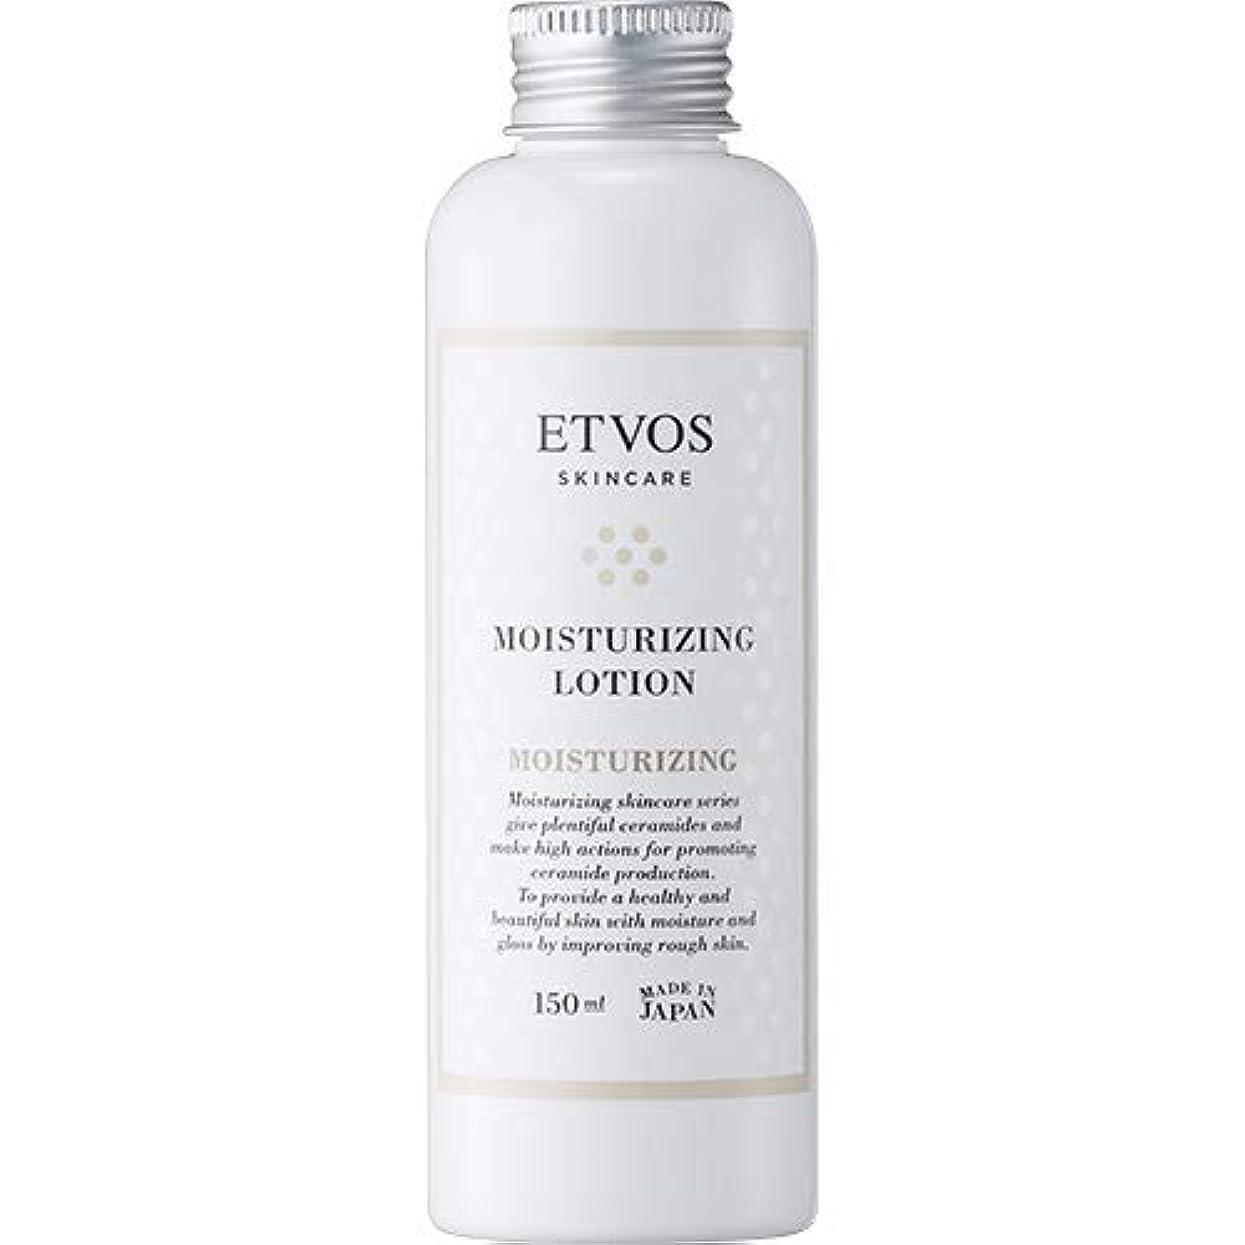 荒野ベルト苦難ETVOS(エトヴォス) 保湿化粧水 モイスチャライジングローション 150ml セラミド 乾燥肌 パラベンフリー